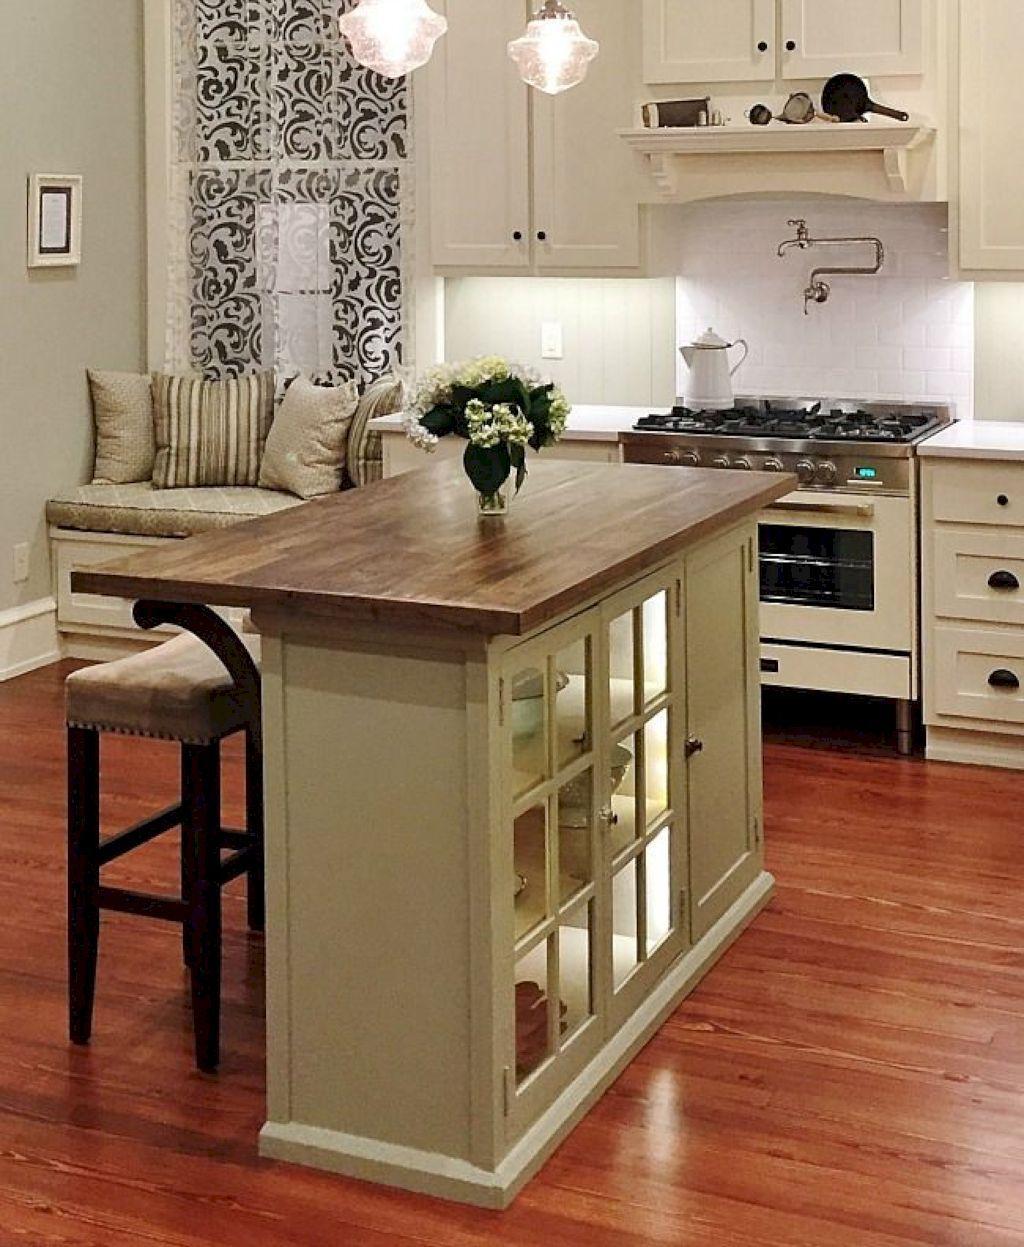 45 Best Kitchen Island Decor and Design Ideas | Pinterest